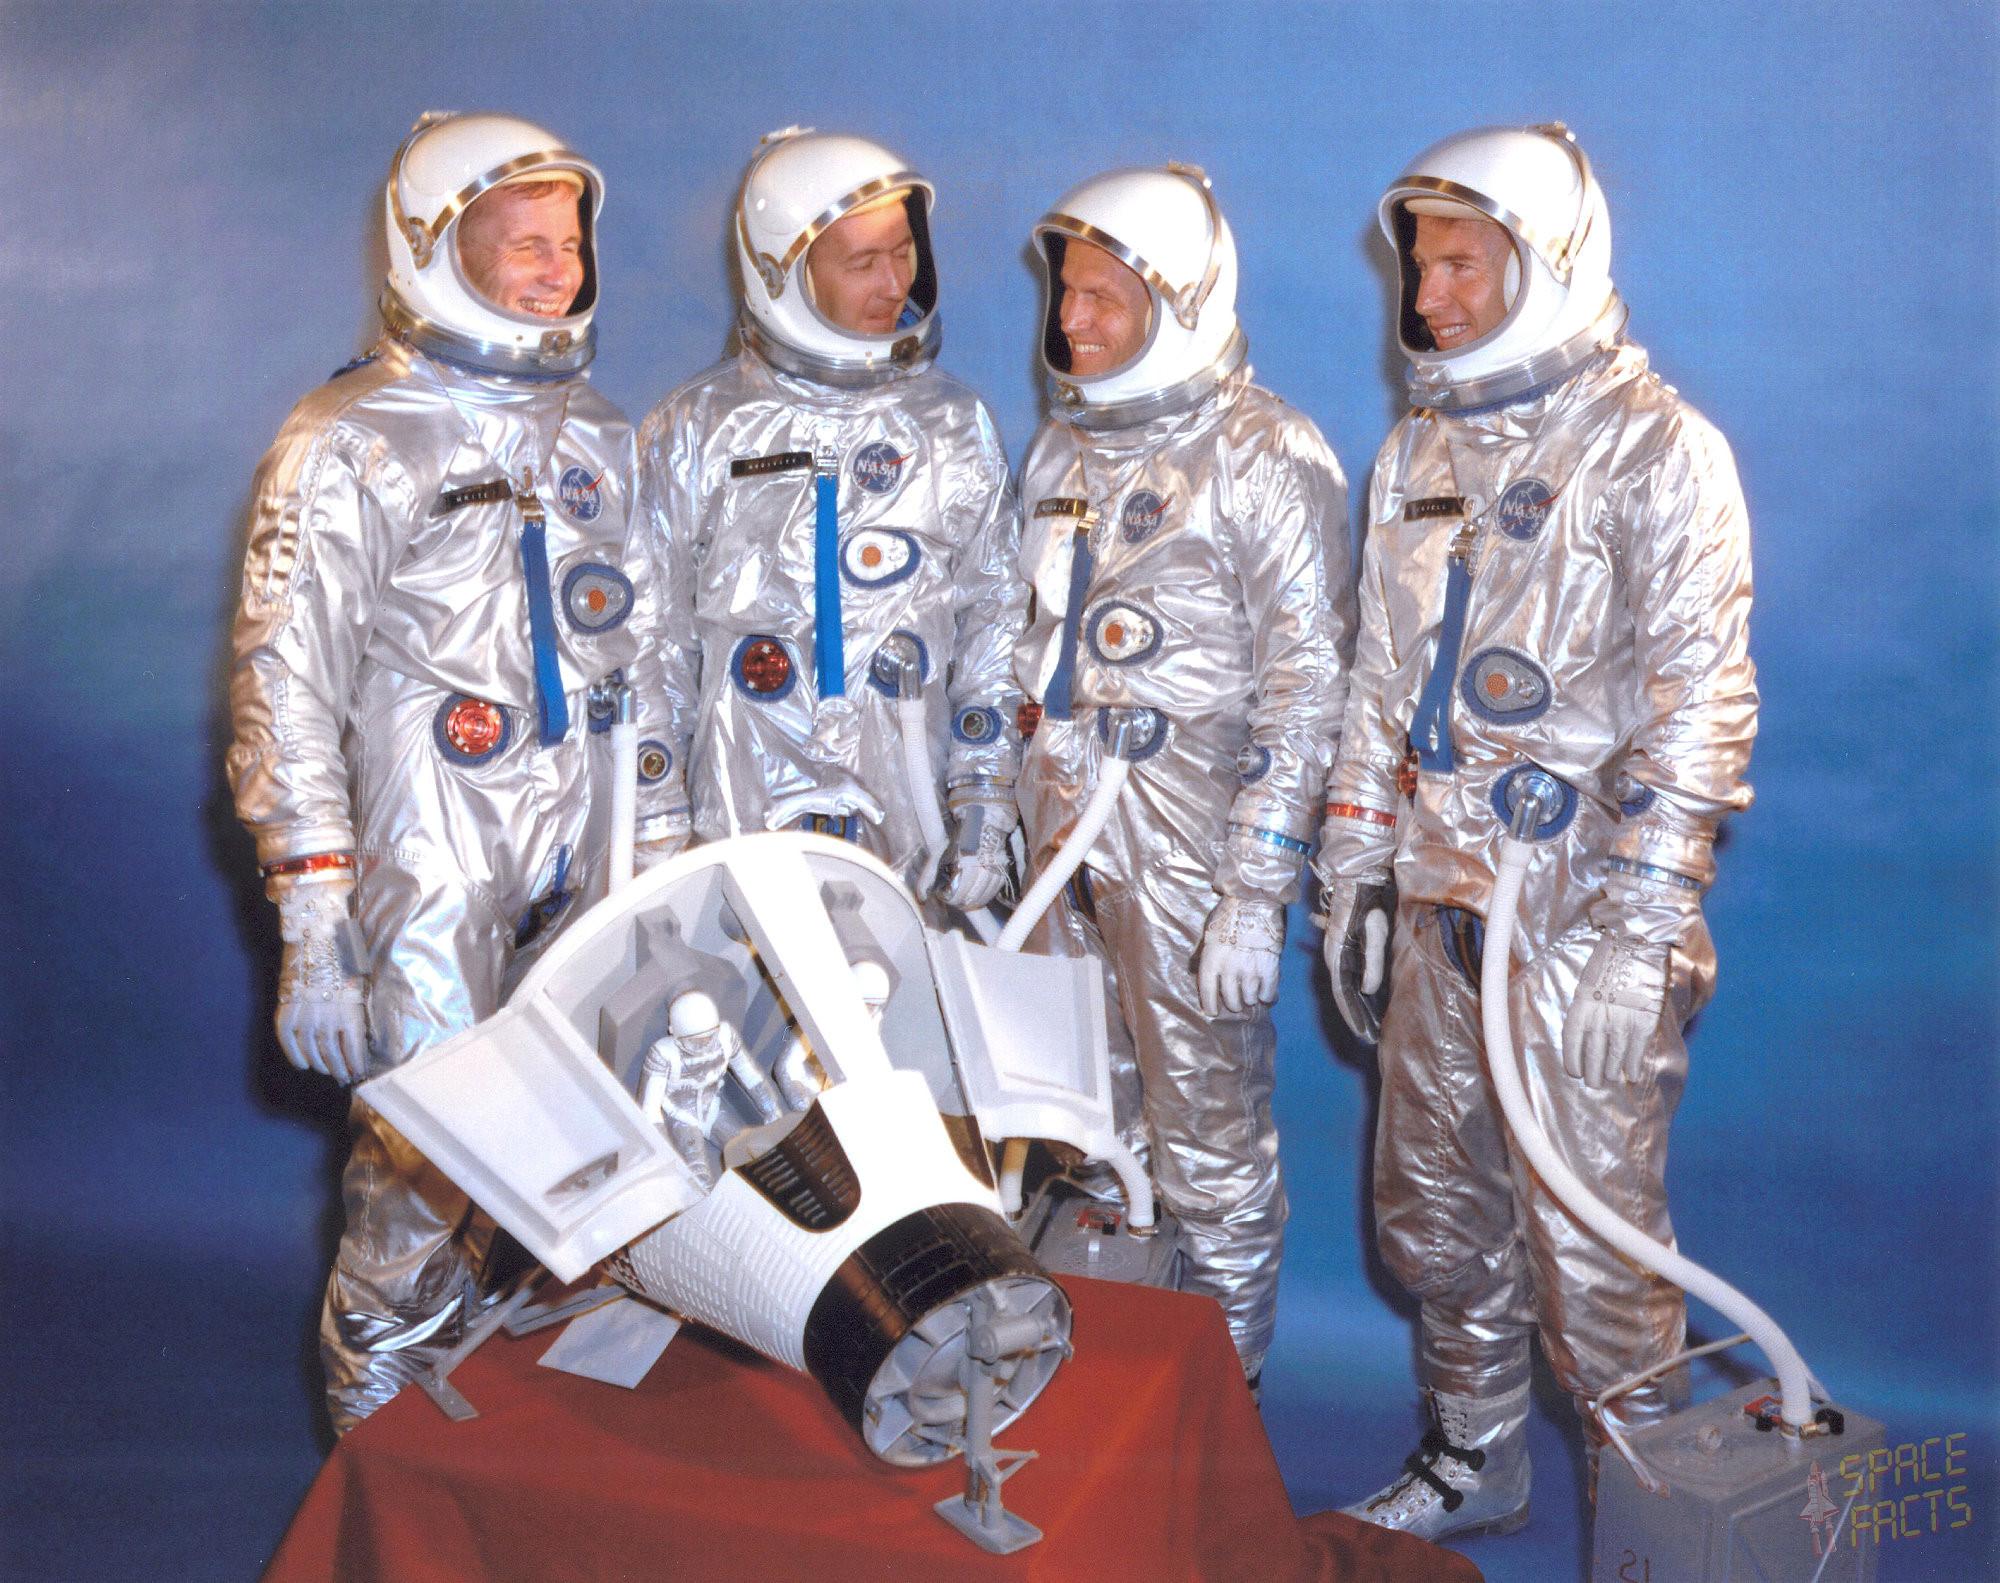 gemini 4 spacecraft documents - photo #14